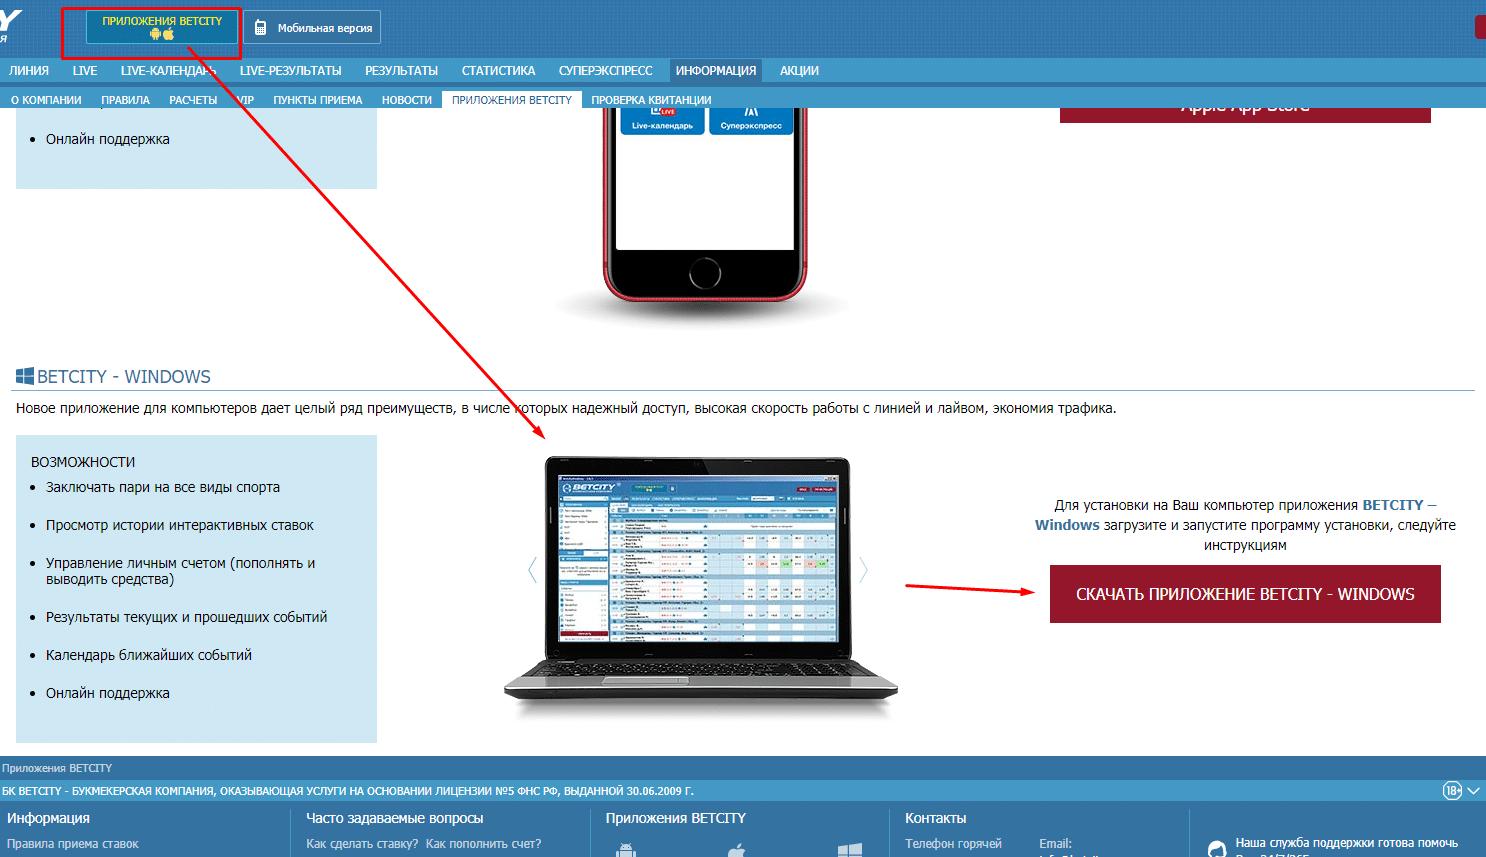 бетсити приложение windows скачать